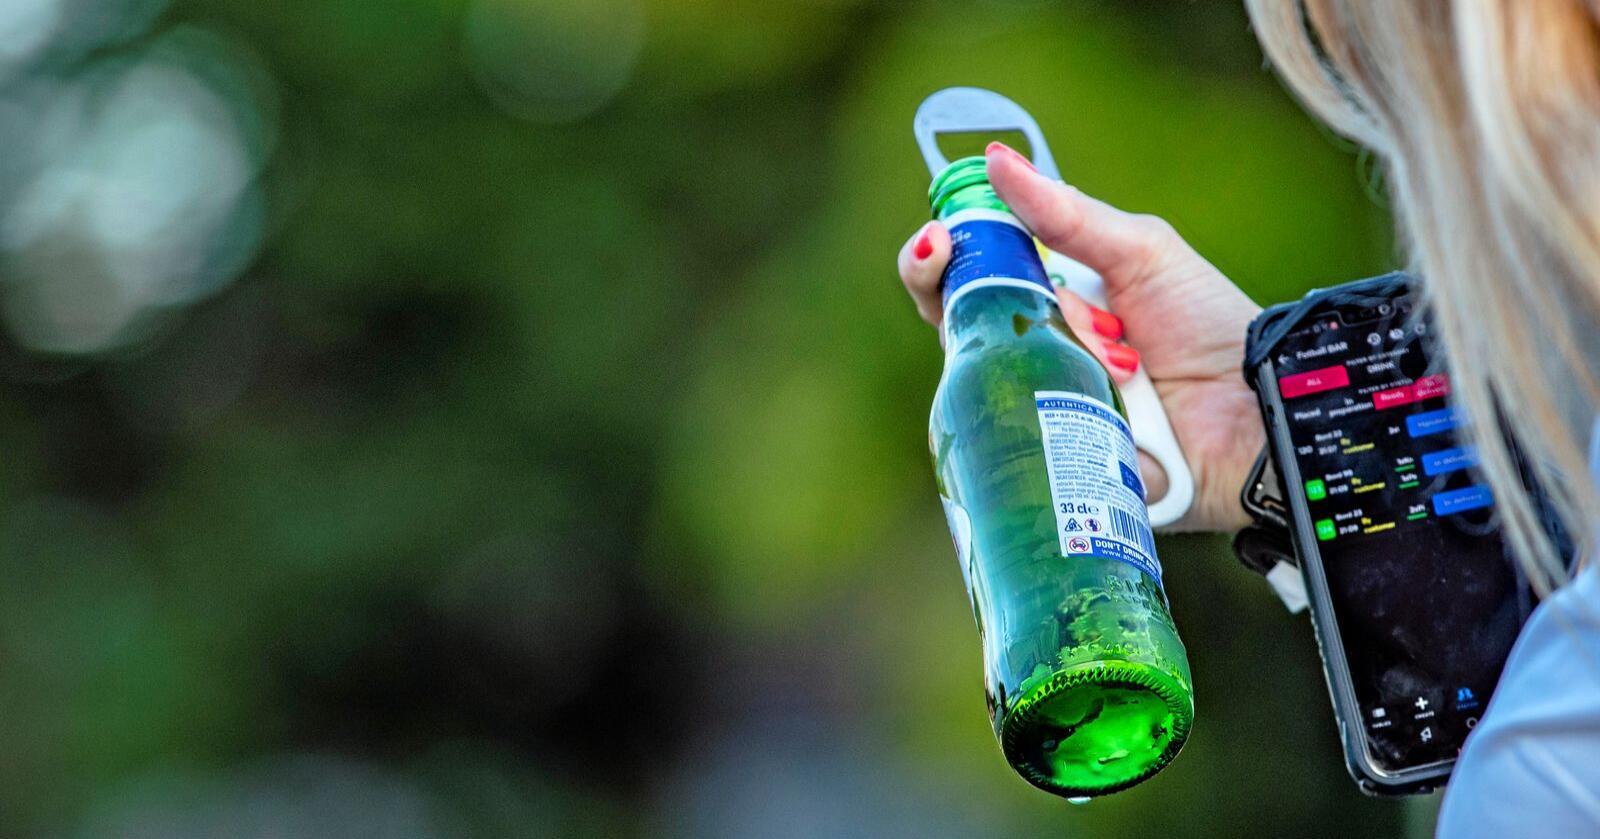 Kutt: Den norske folkeleveren tar ikke skade av hjemlige avgiftskutt, men av totalt alkoholkonsum. Foto: Geir Olsen / NTB scanpix